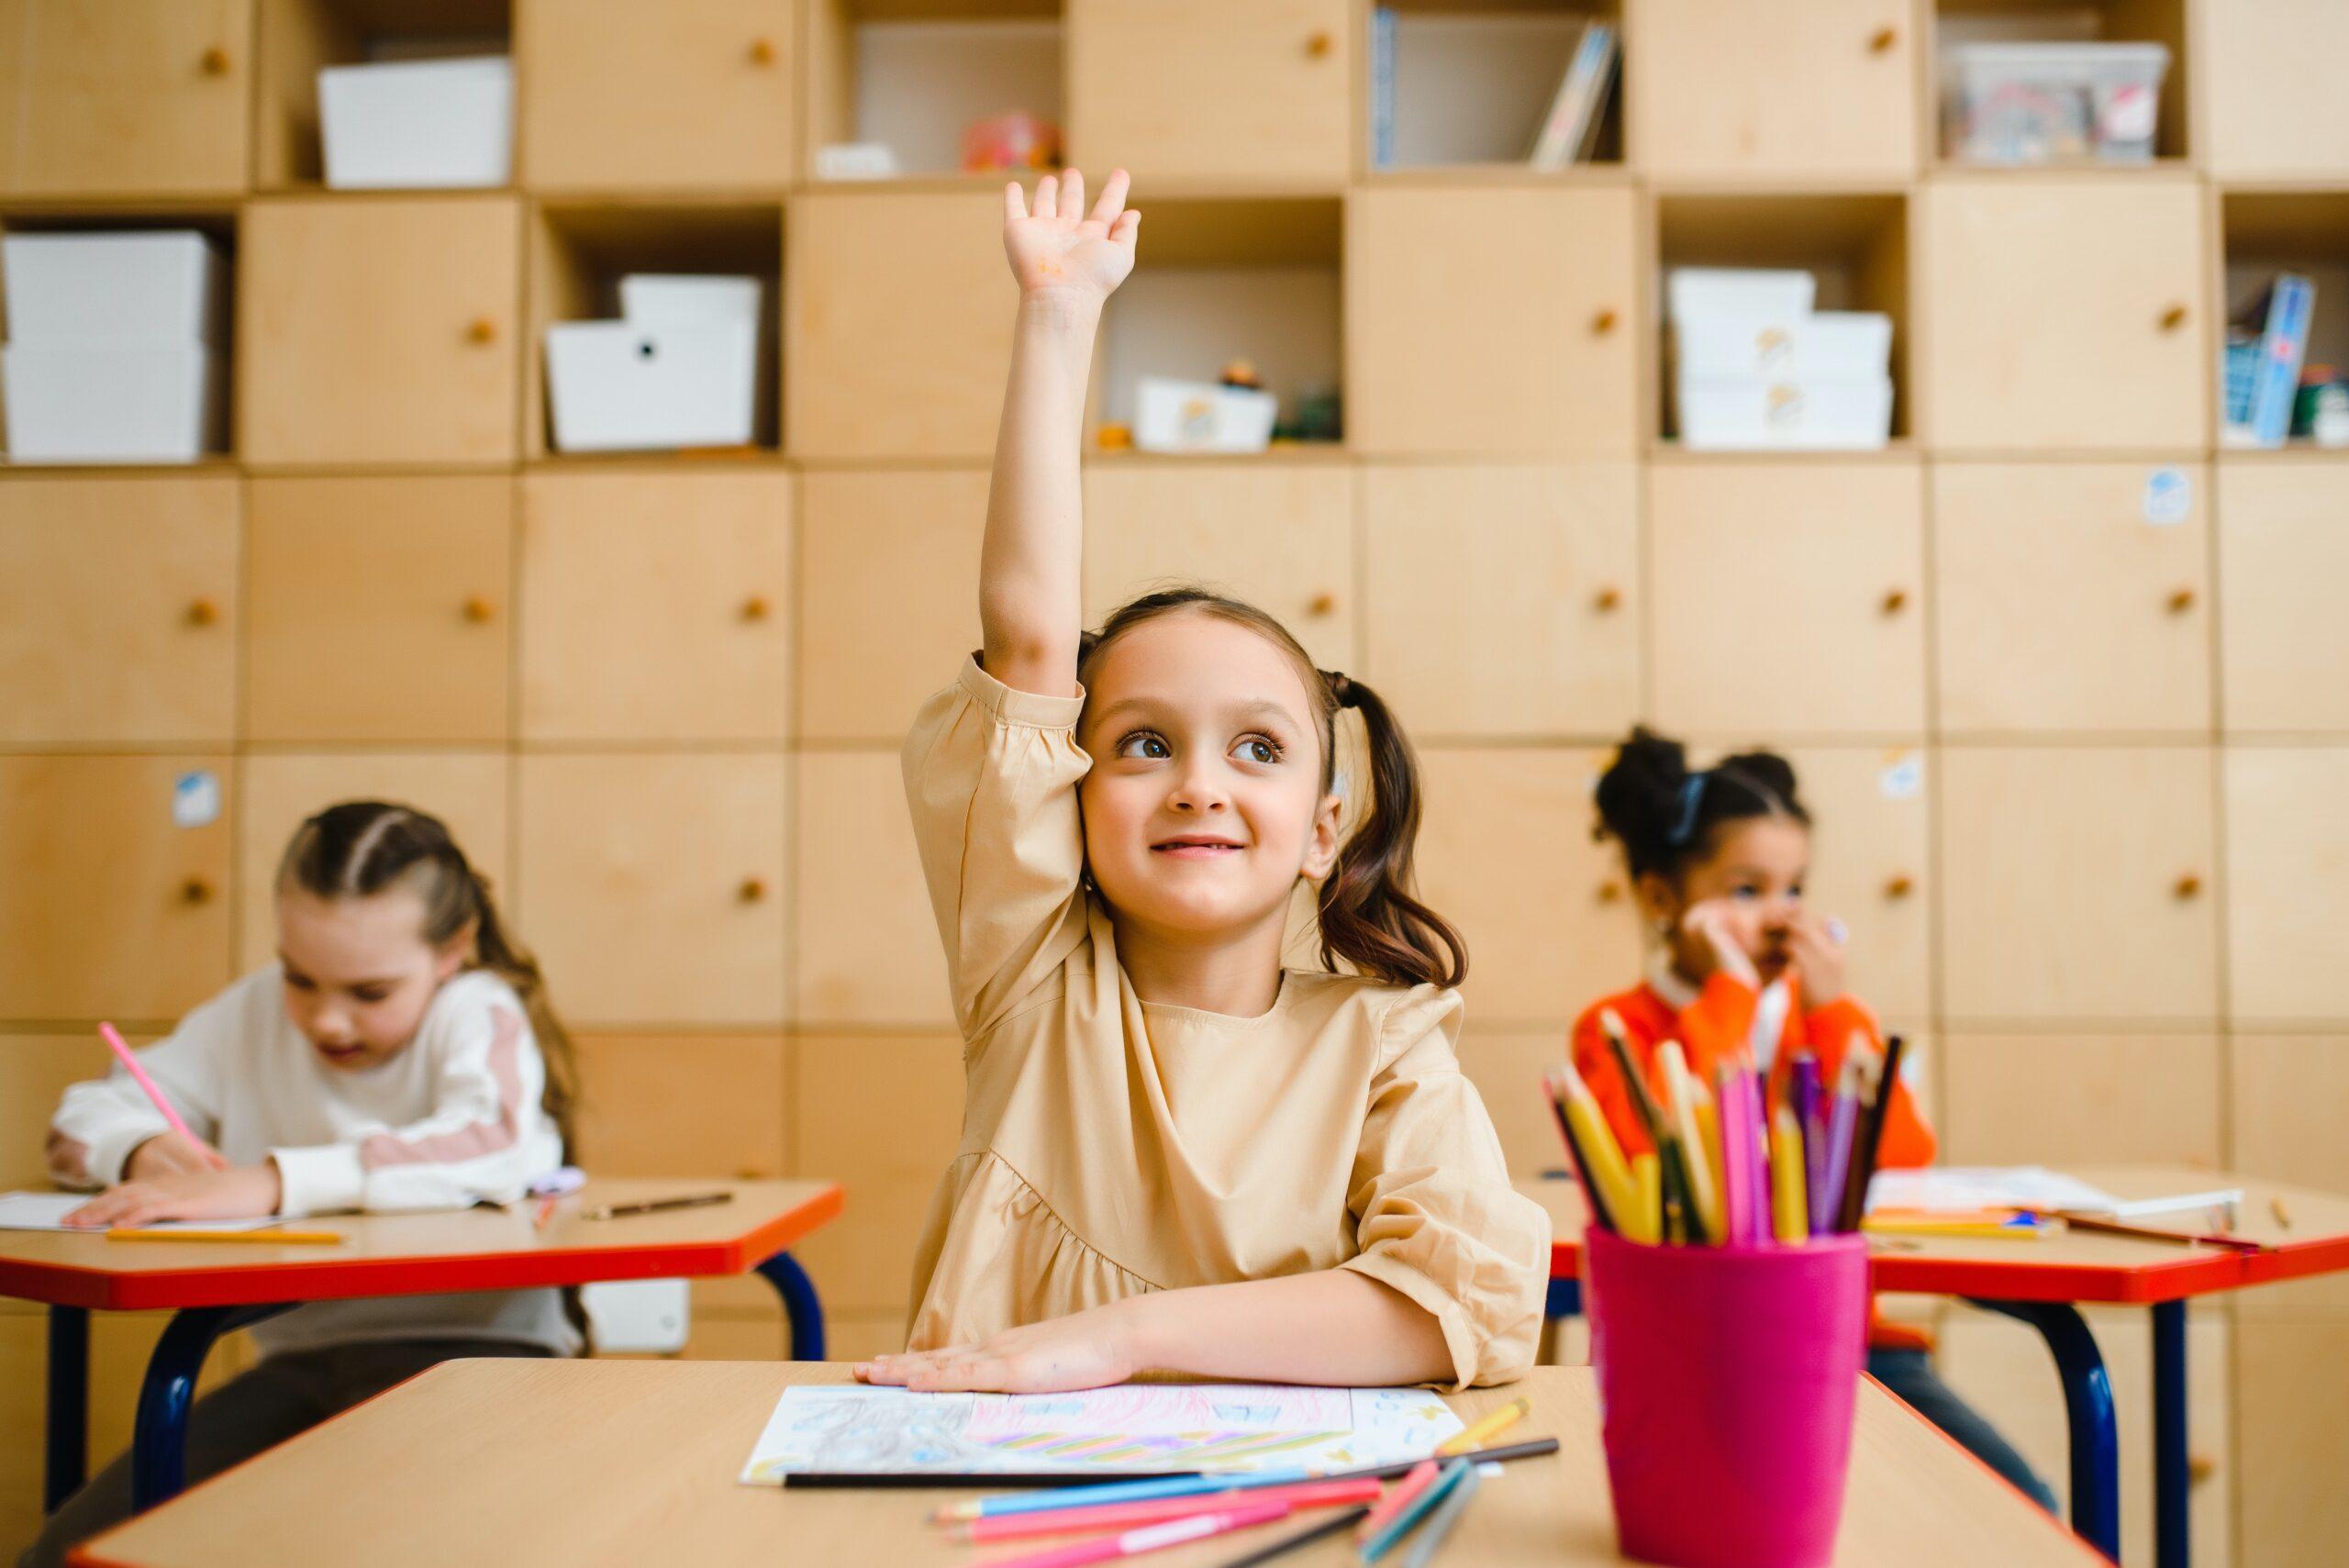 【親子教養錦囊】提升學習力小方法-錯感練習,優化大腦功能|啟動學習動機|提升思考力與邏輯力